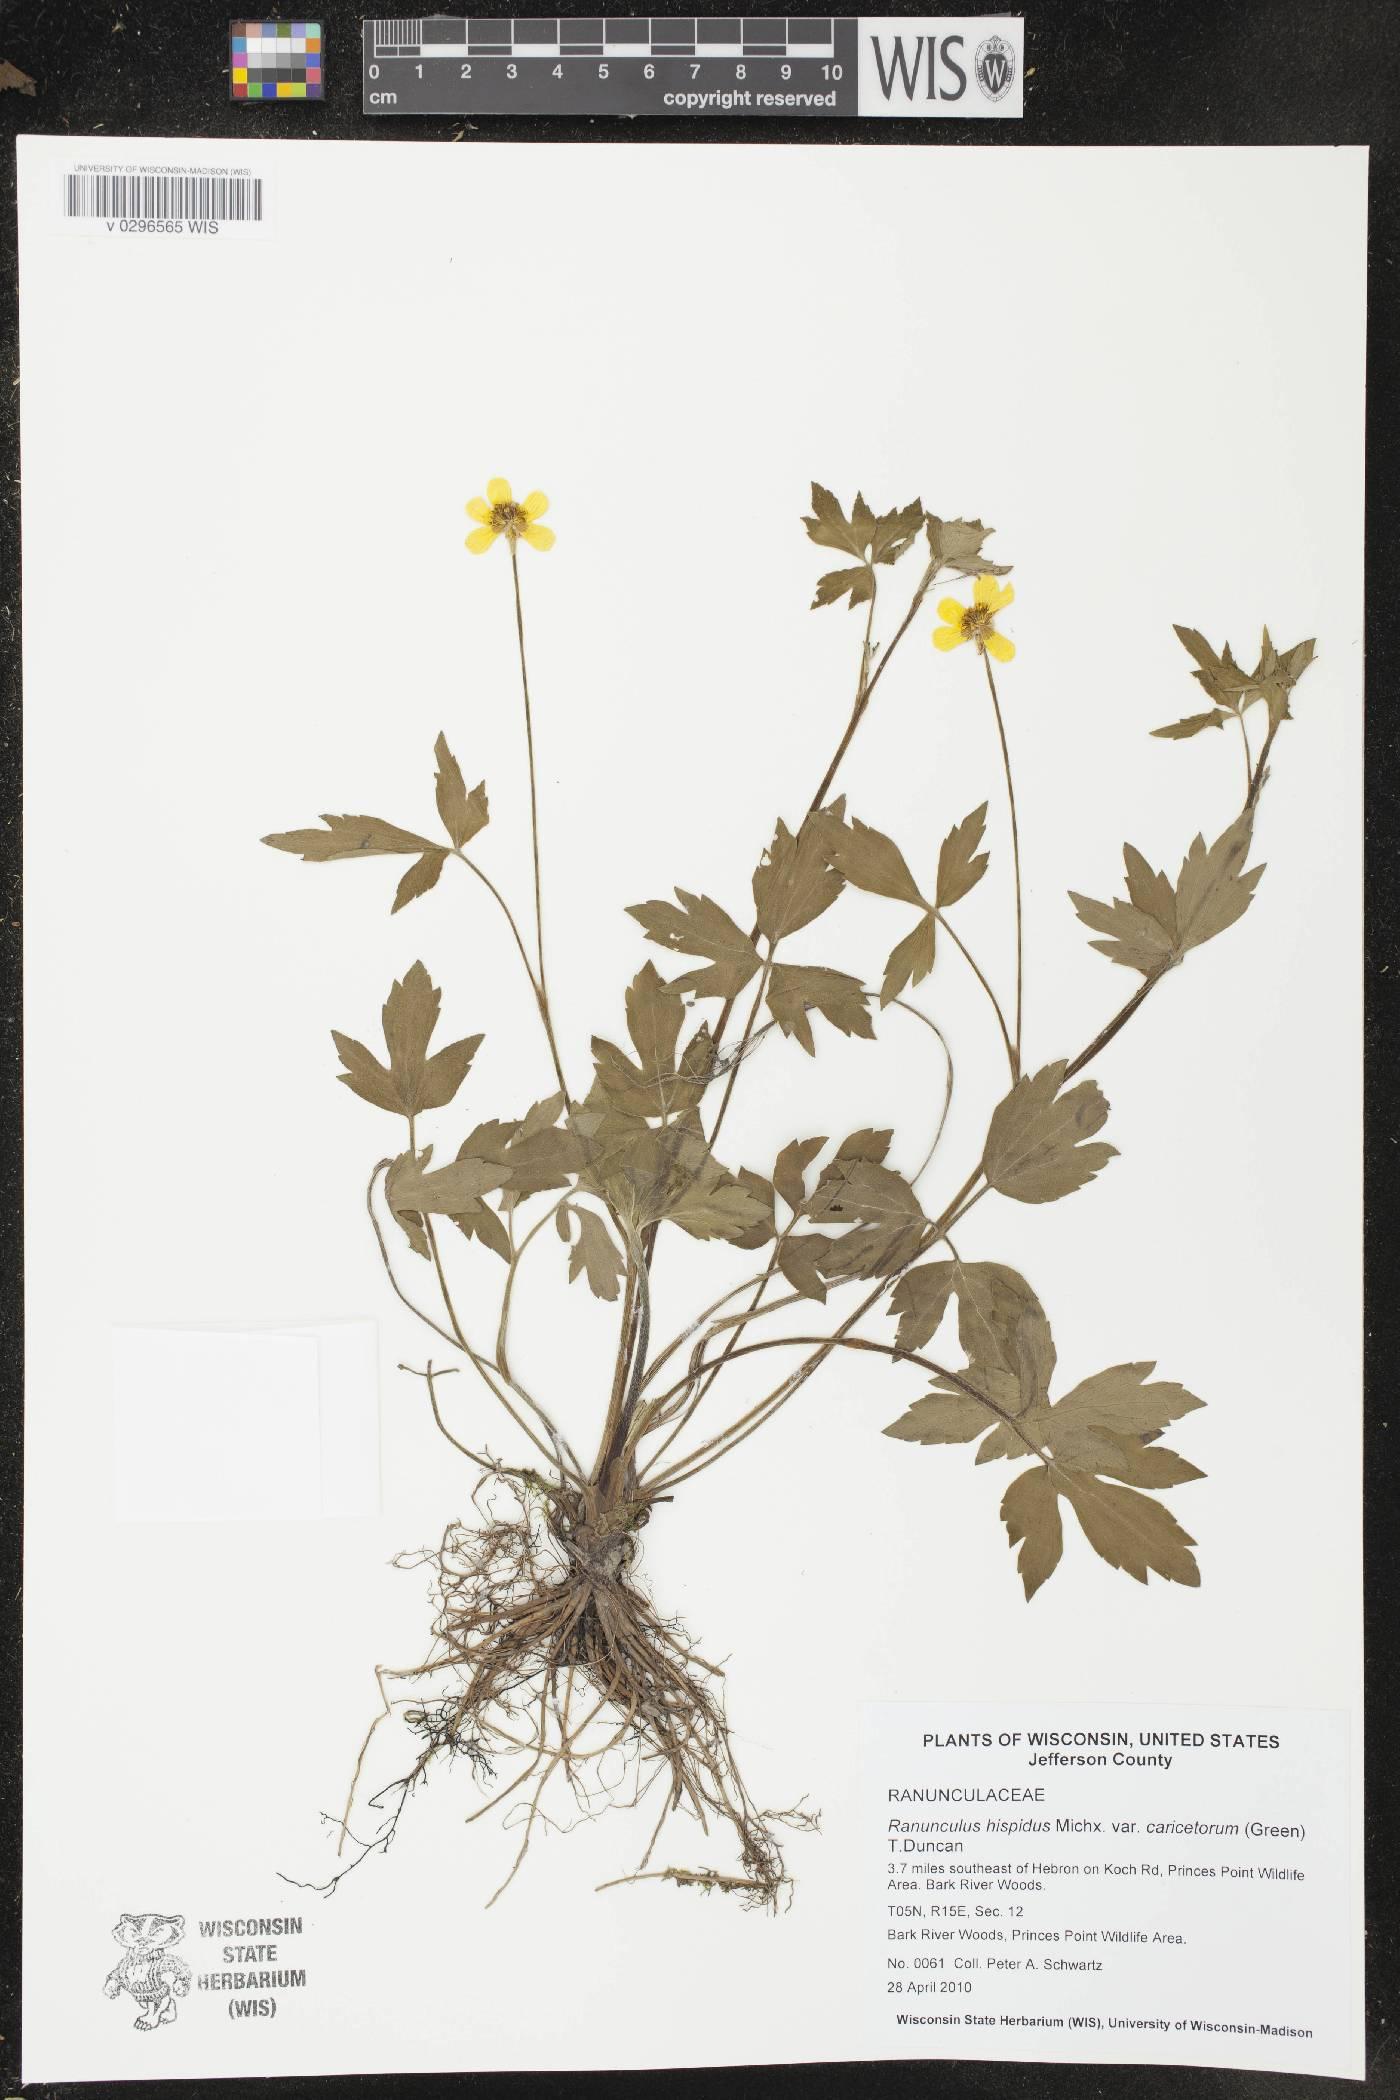 Ranunculus hispidus var. caricetorum image